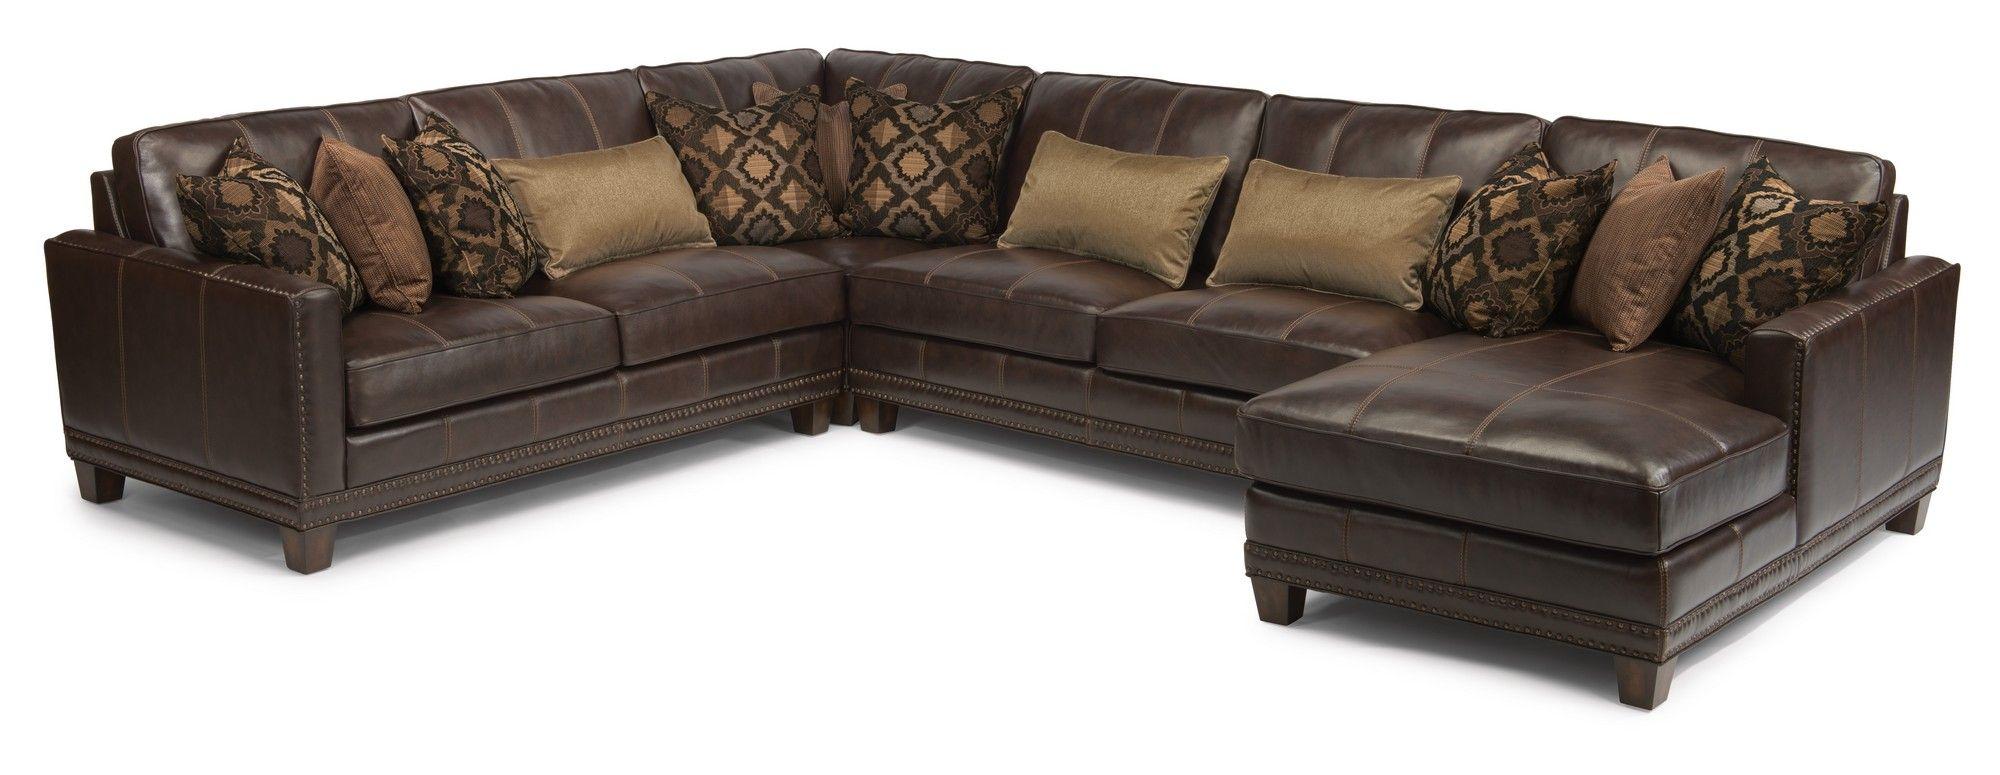 FlexsteelLeather Sectional Flexsteel furniture, Living